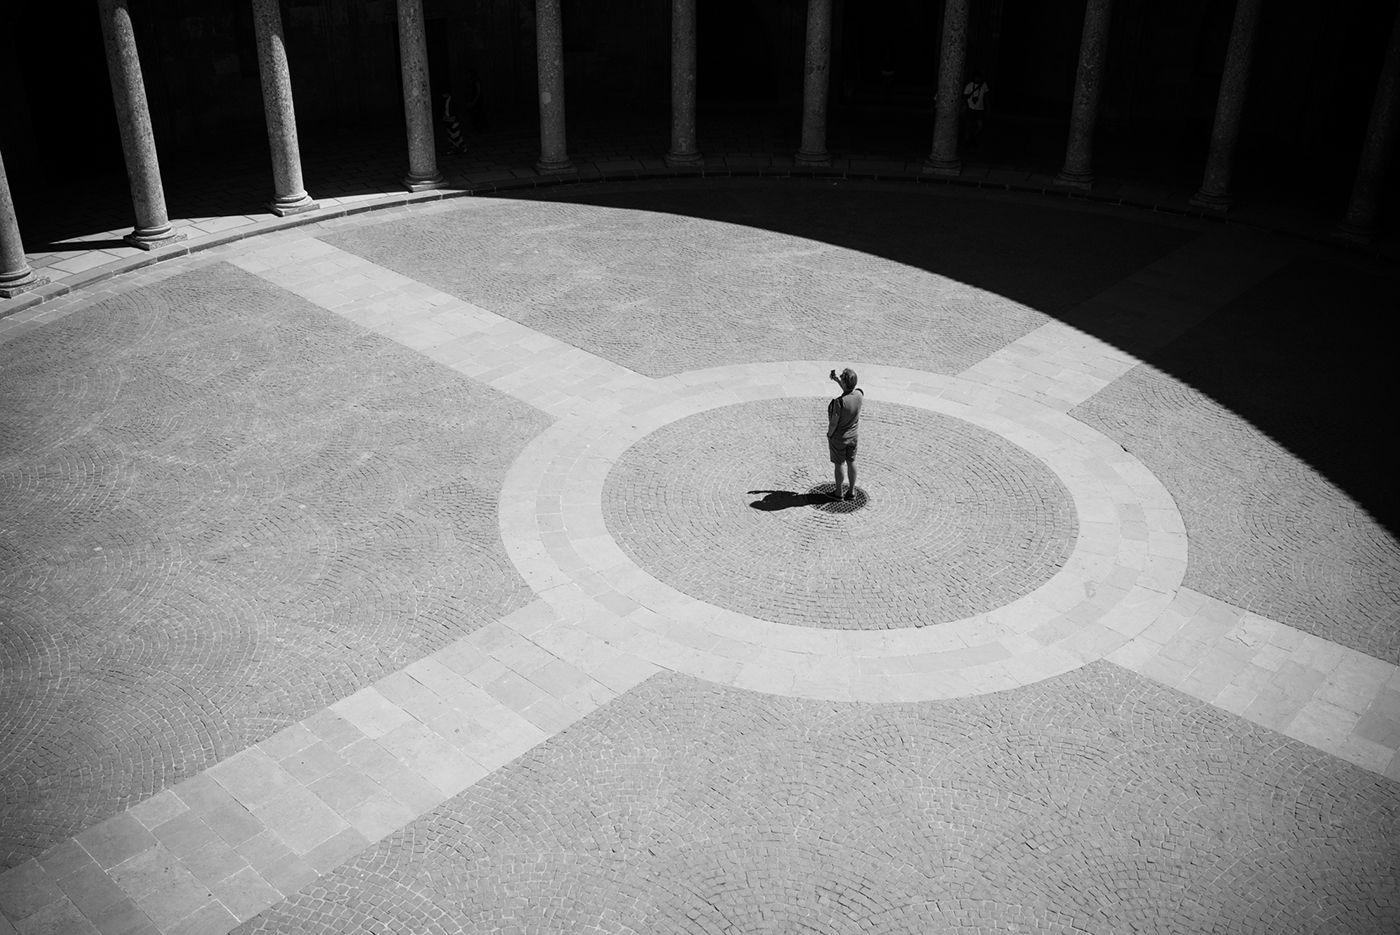 Sol y sombras - Spain